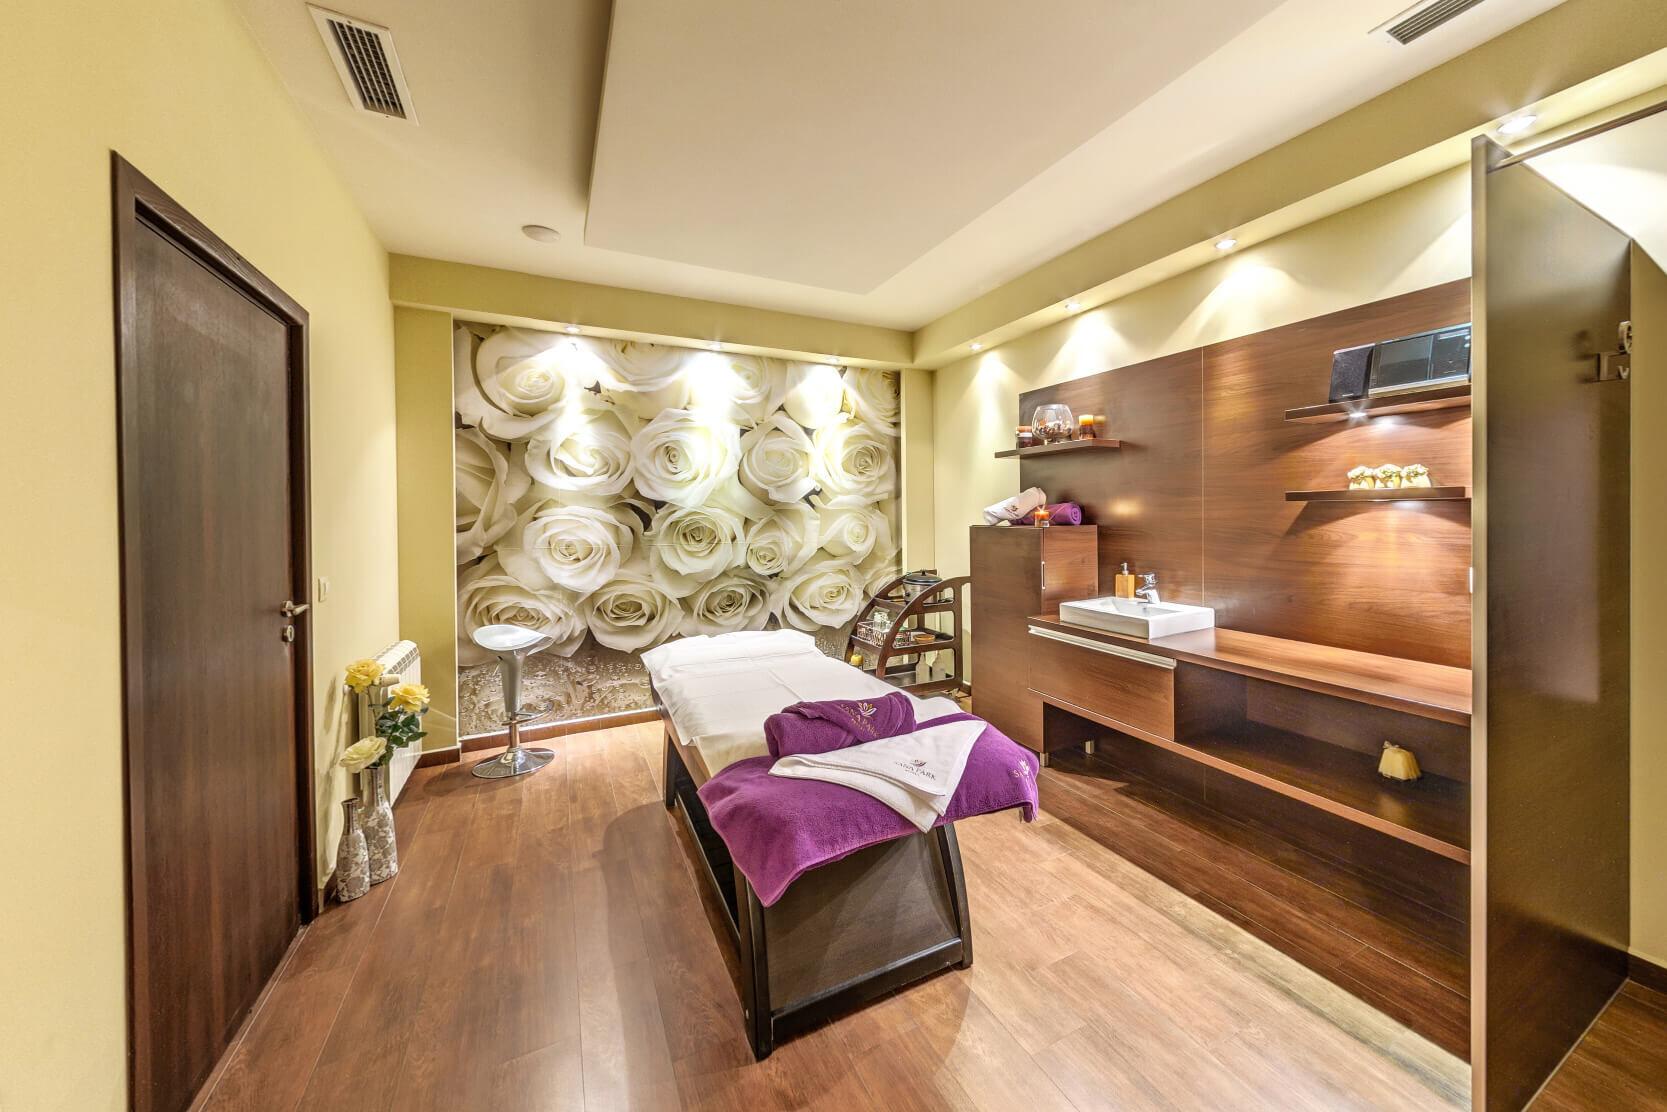 Сана Спа Хотел - стая за масажи